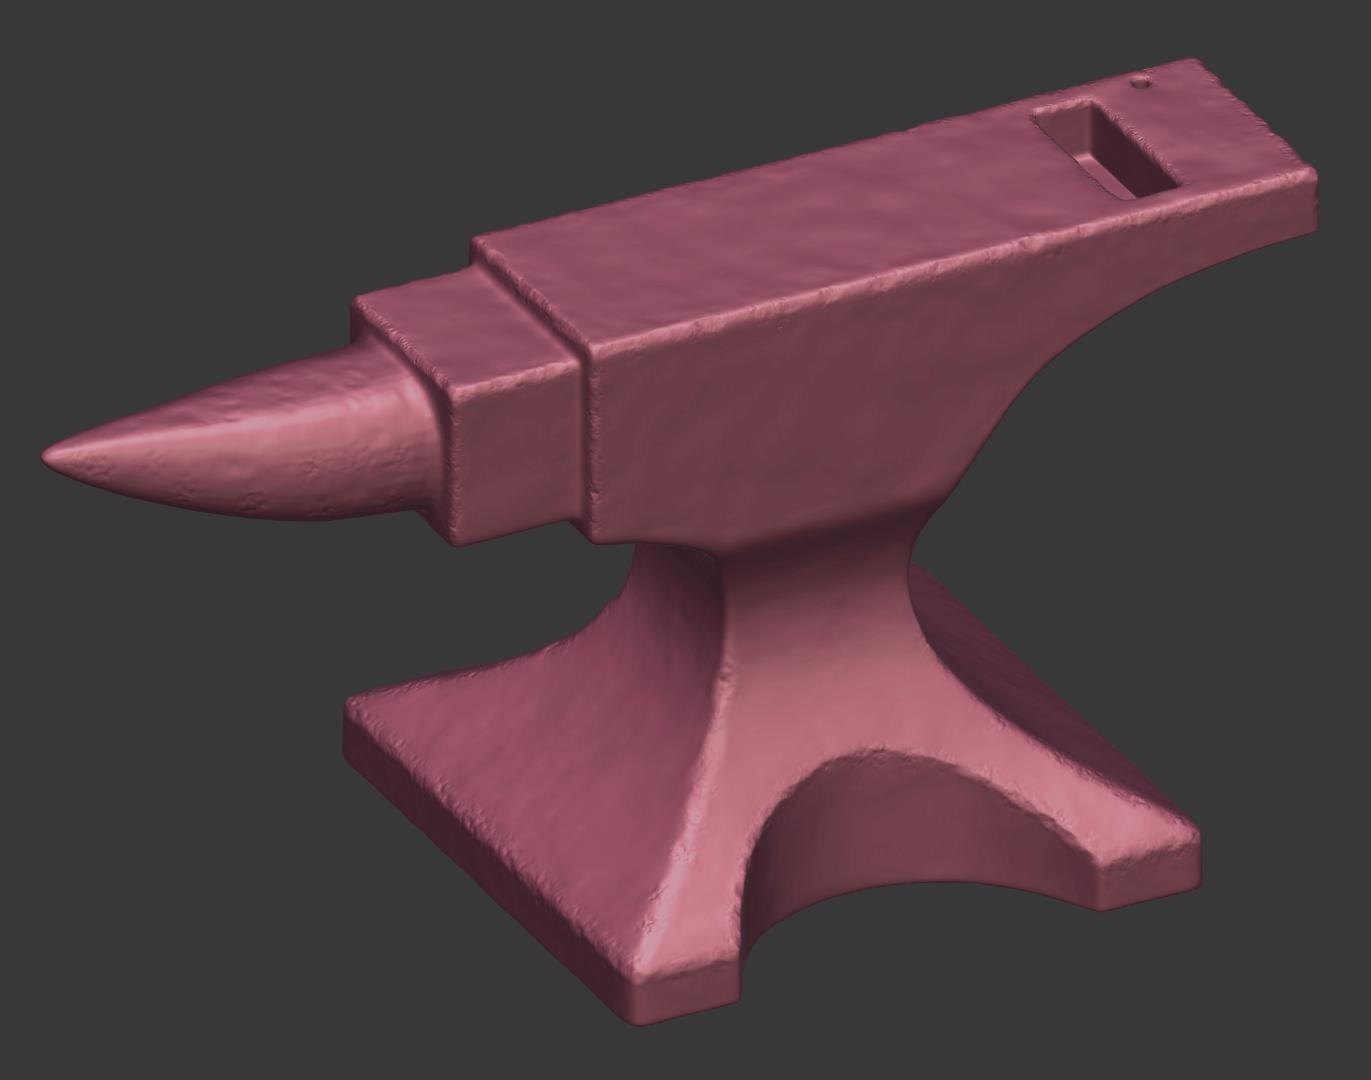 anvil-sculpt